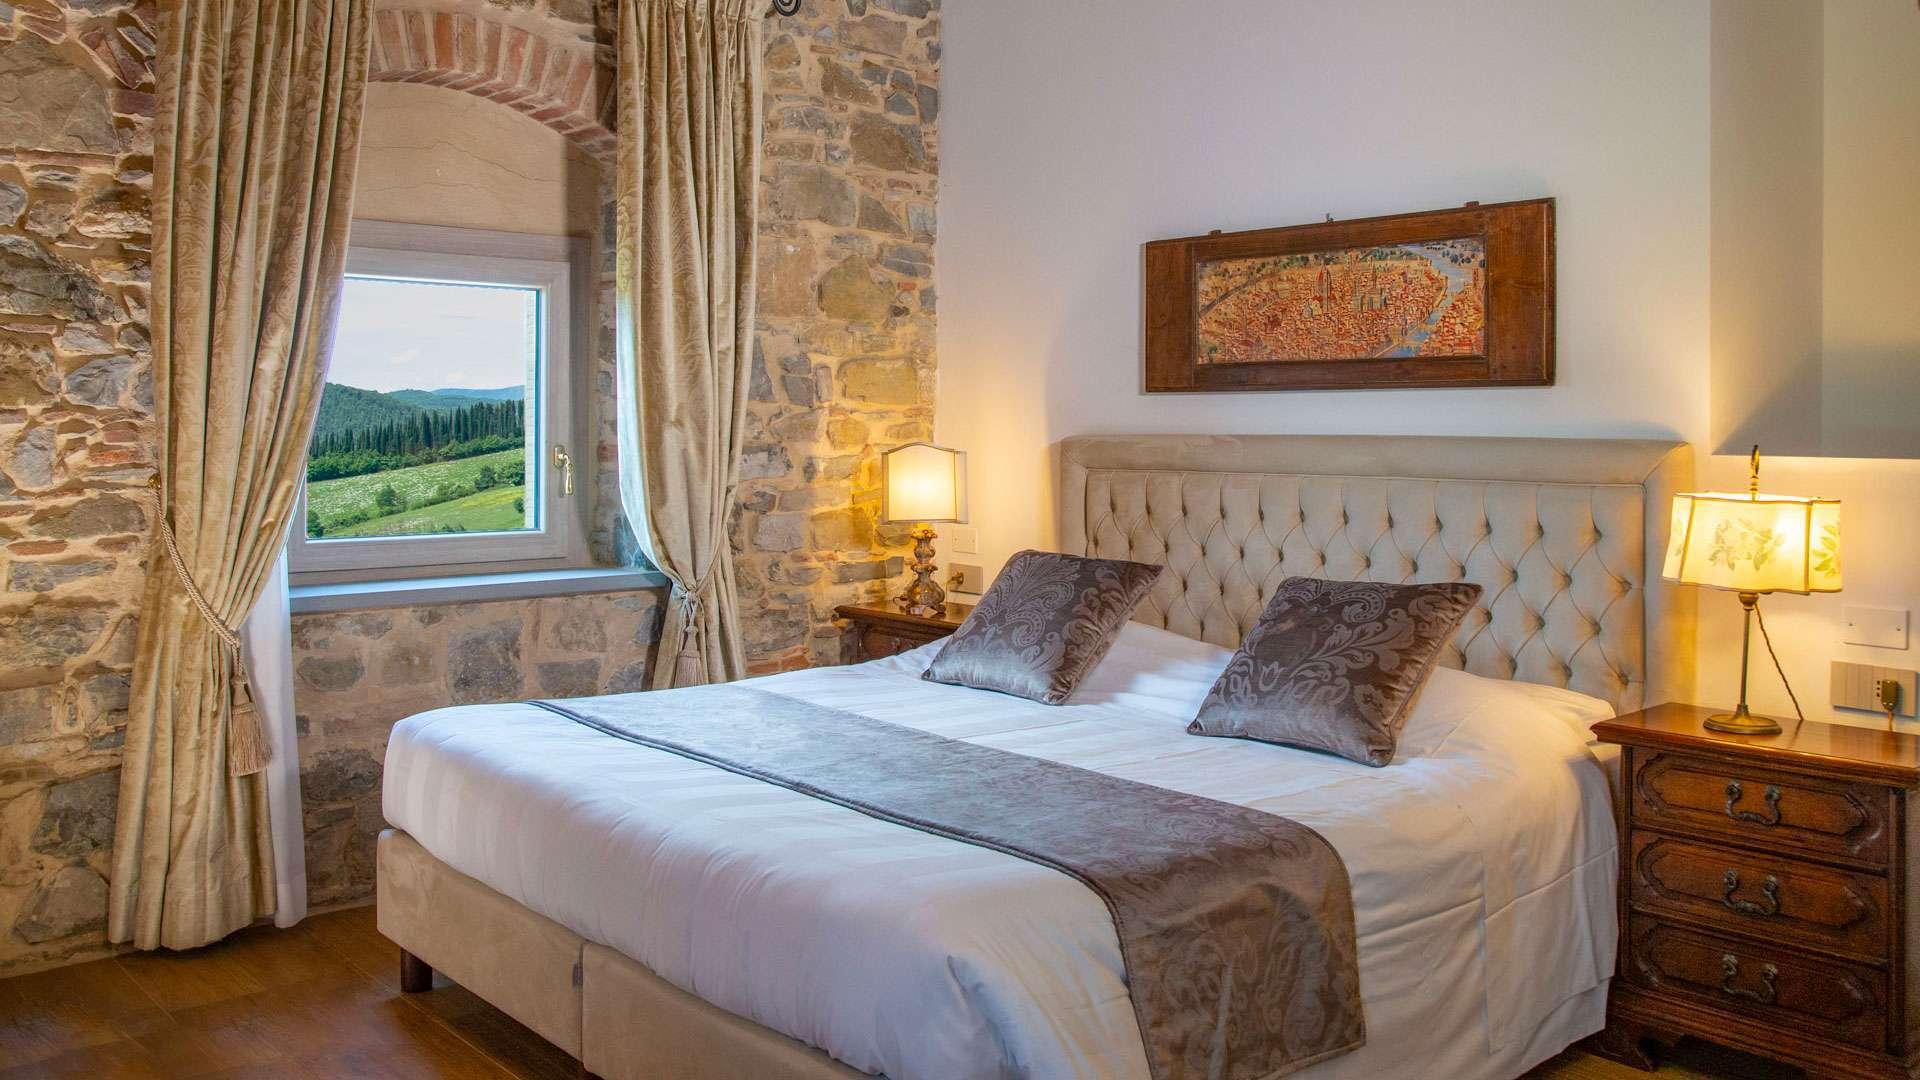 Camera con vista in Mugello, dalle finestre si ammira la tenuta mentre l'interno della camera ha un fascino d'altri tempi, con muri in pietra e arredo antico